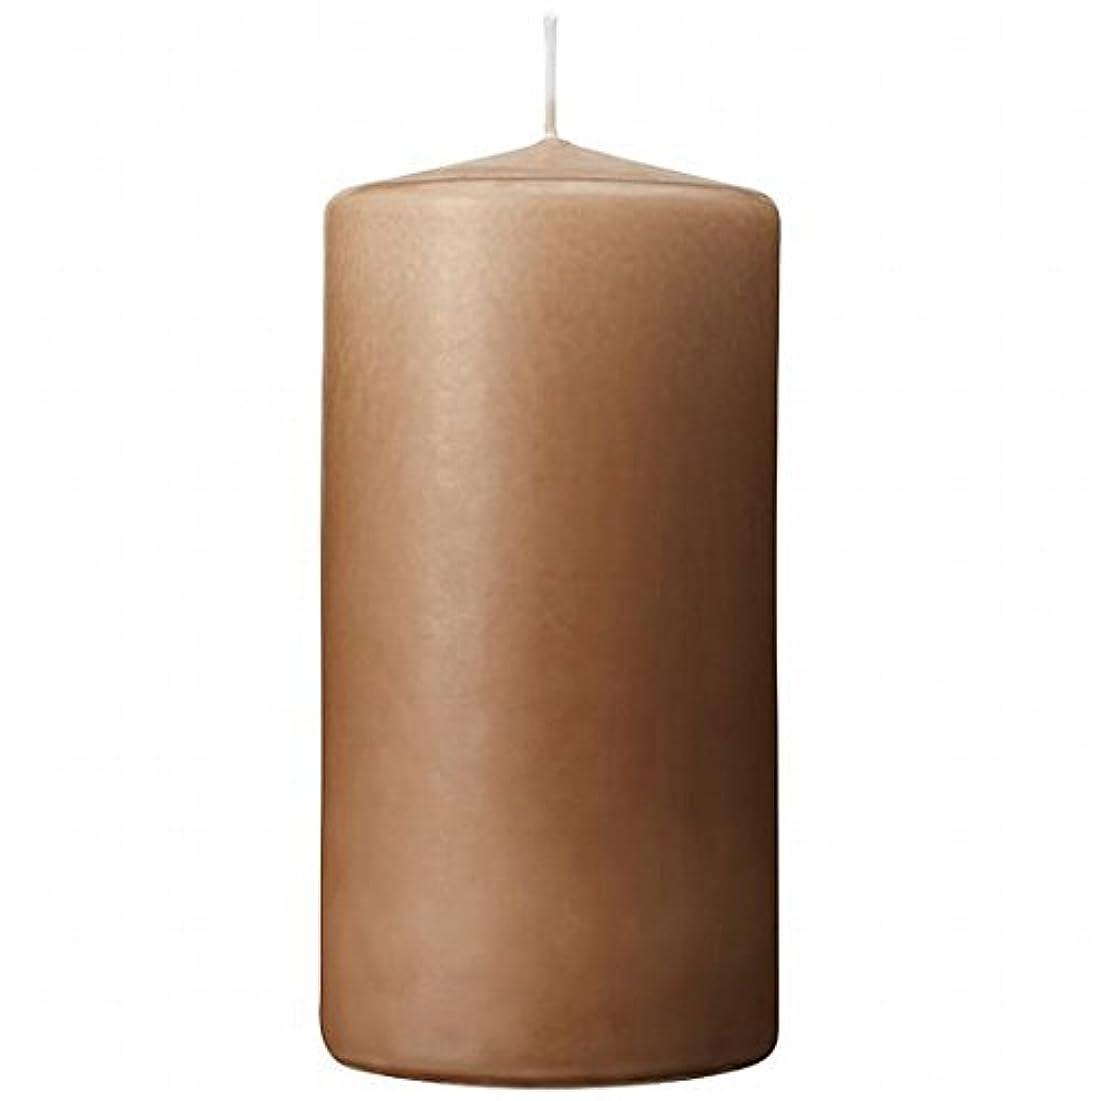 クロニクルロッカー加入カメヤマキャンドル(kameyama candle) 3×6ベルトップピラーキャンドル 「 モカ 」